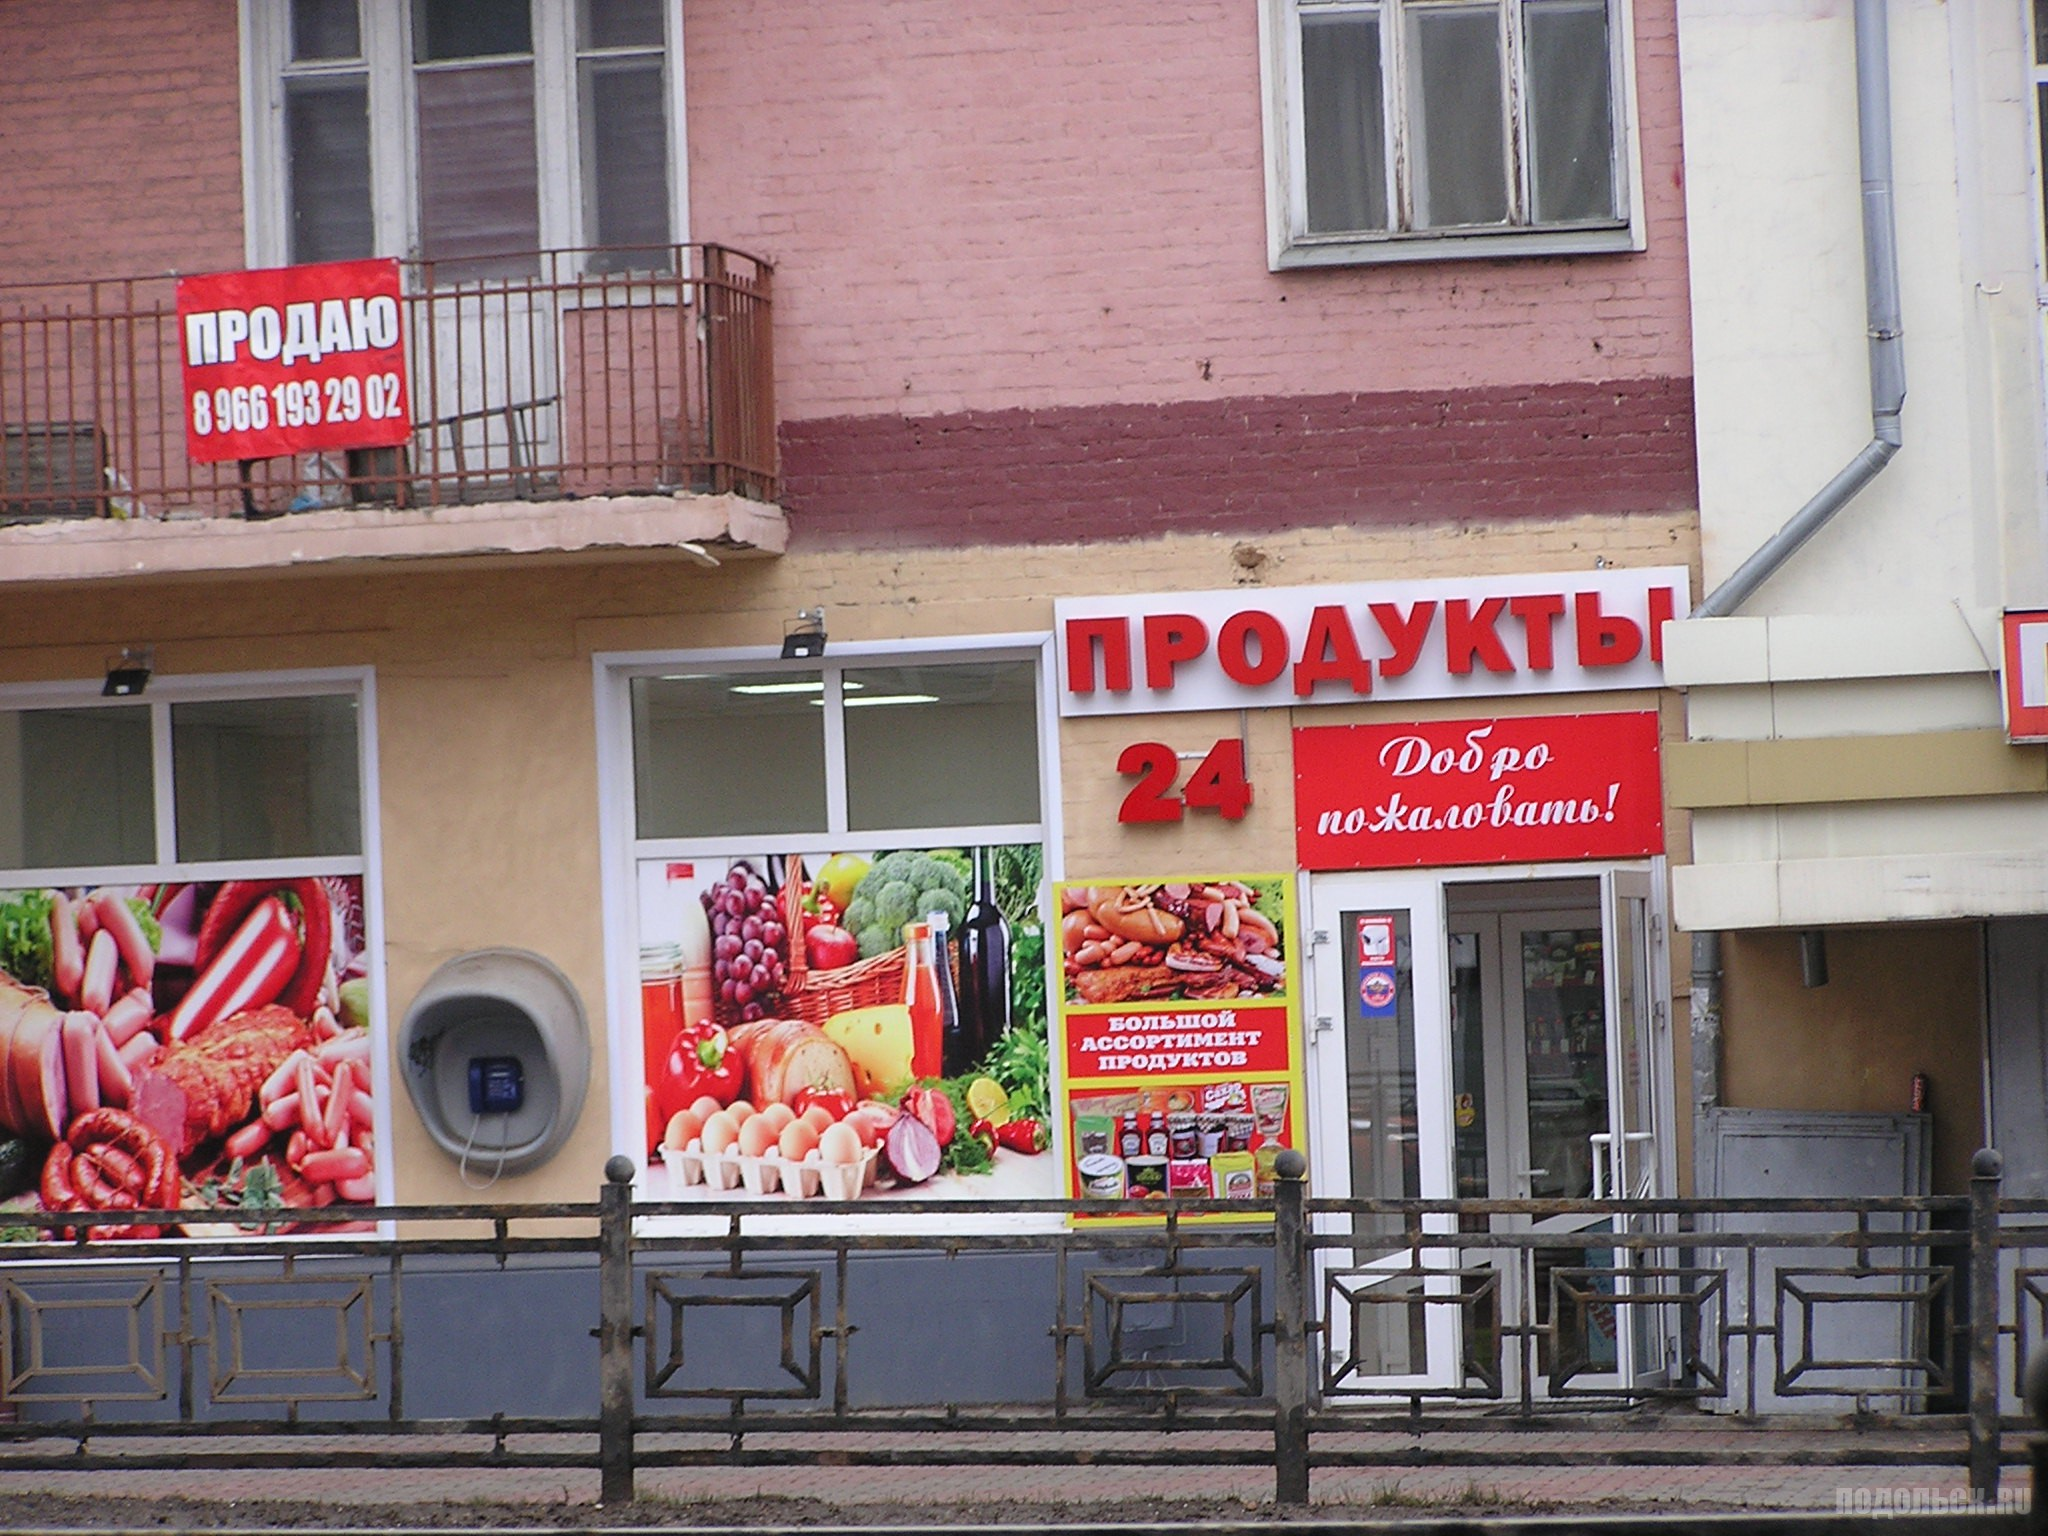 Продуктовый магазин на проспекте Ленина. 2 апреля 2017.